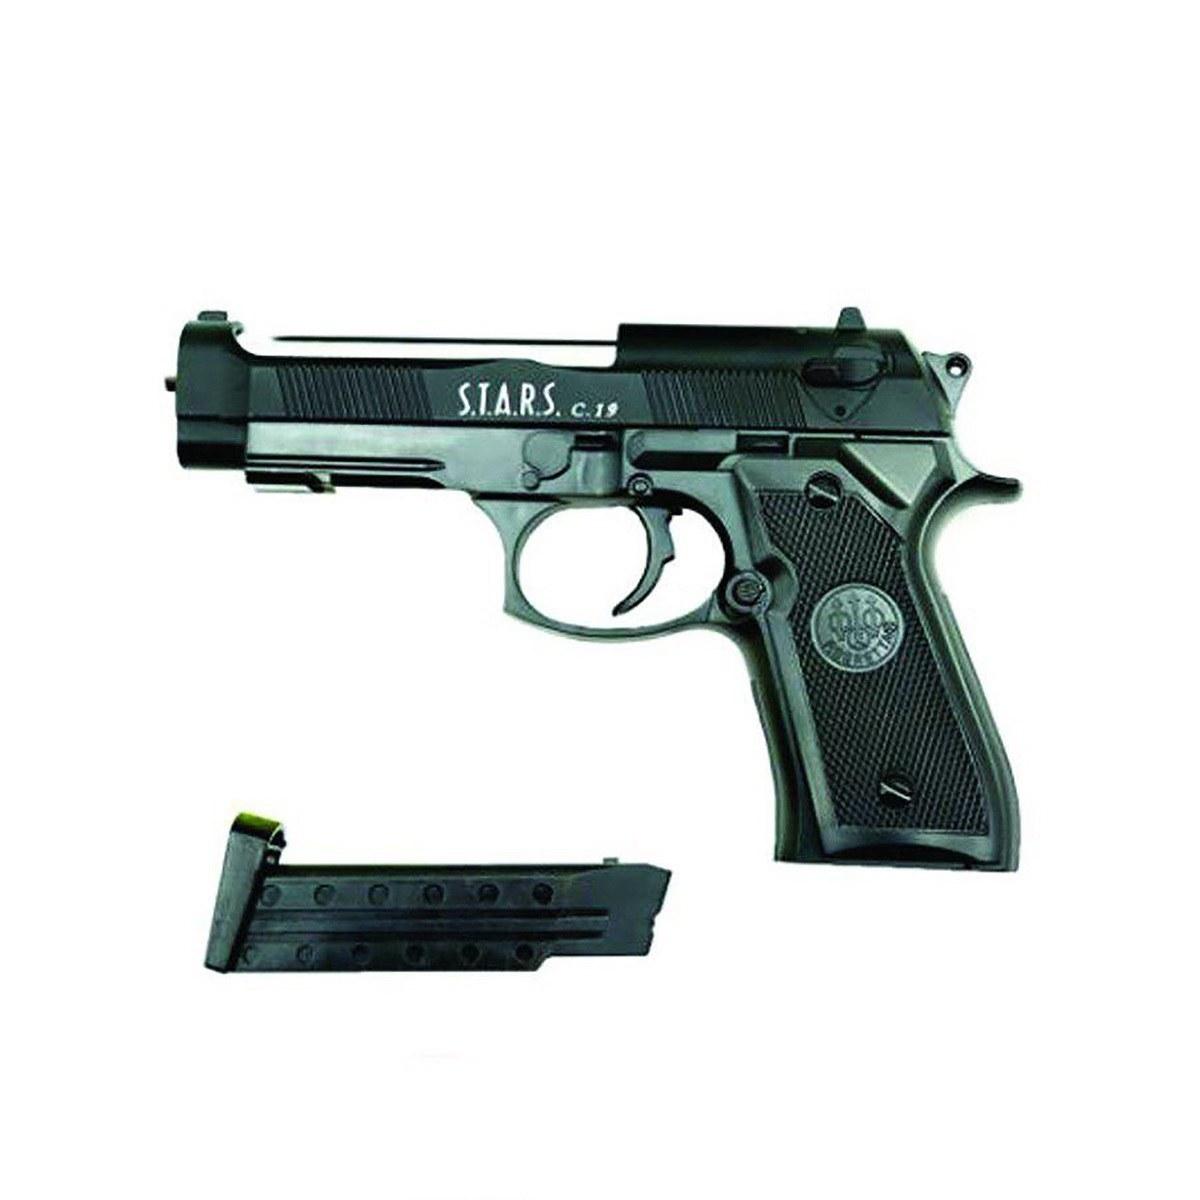 تفنگ کلت فلزی ساچمه ای ایرسافت گان مدل C.19